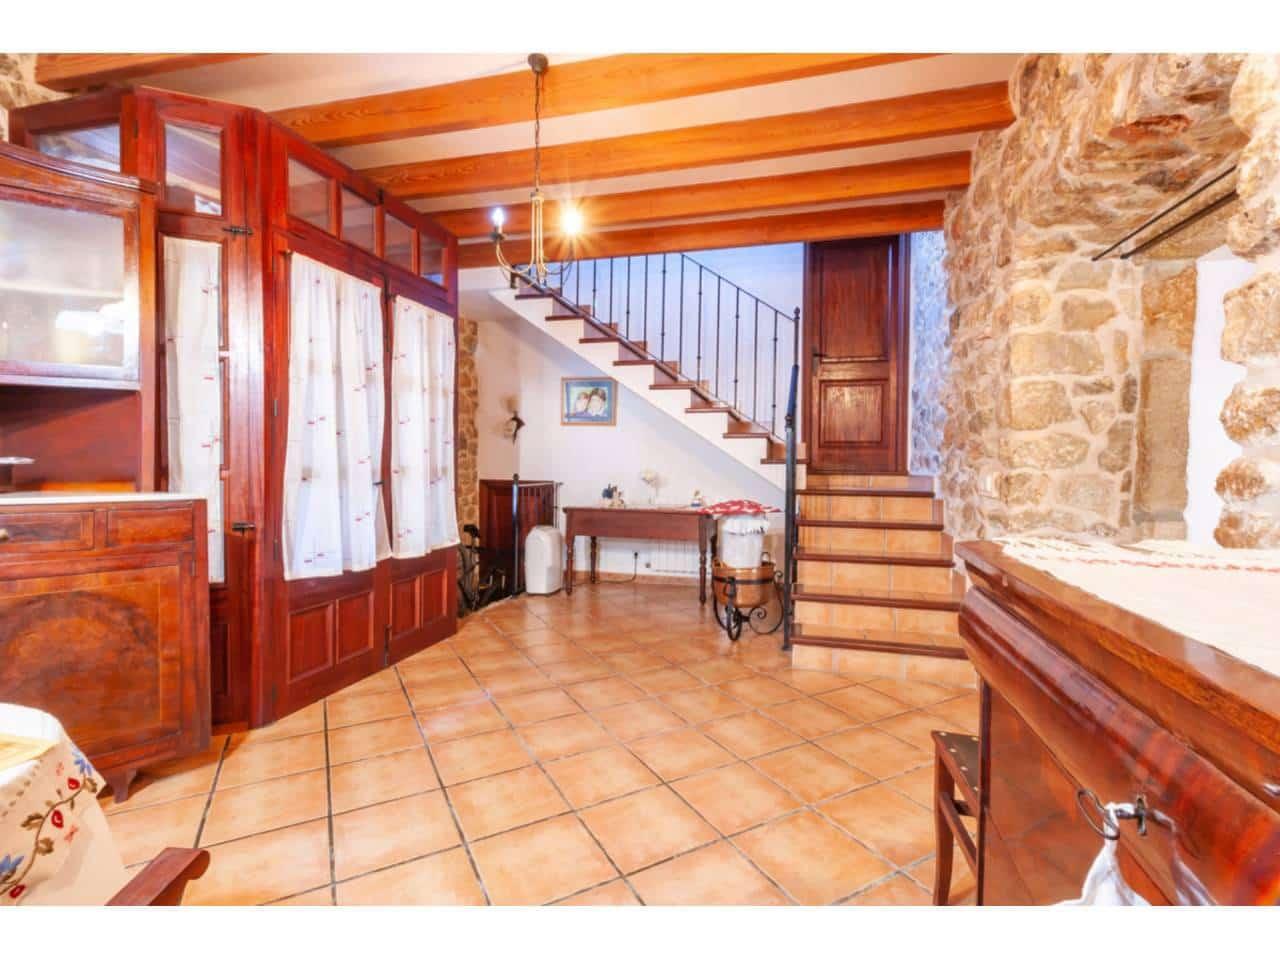 Casa de 4 habitaciones en Mancor de la Vall en venta - 737.000 € (Ref: 4962844)